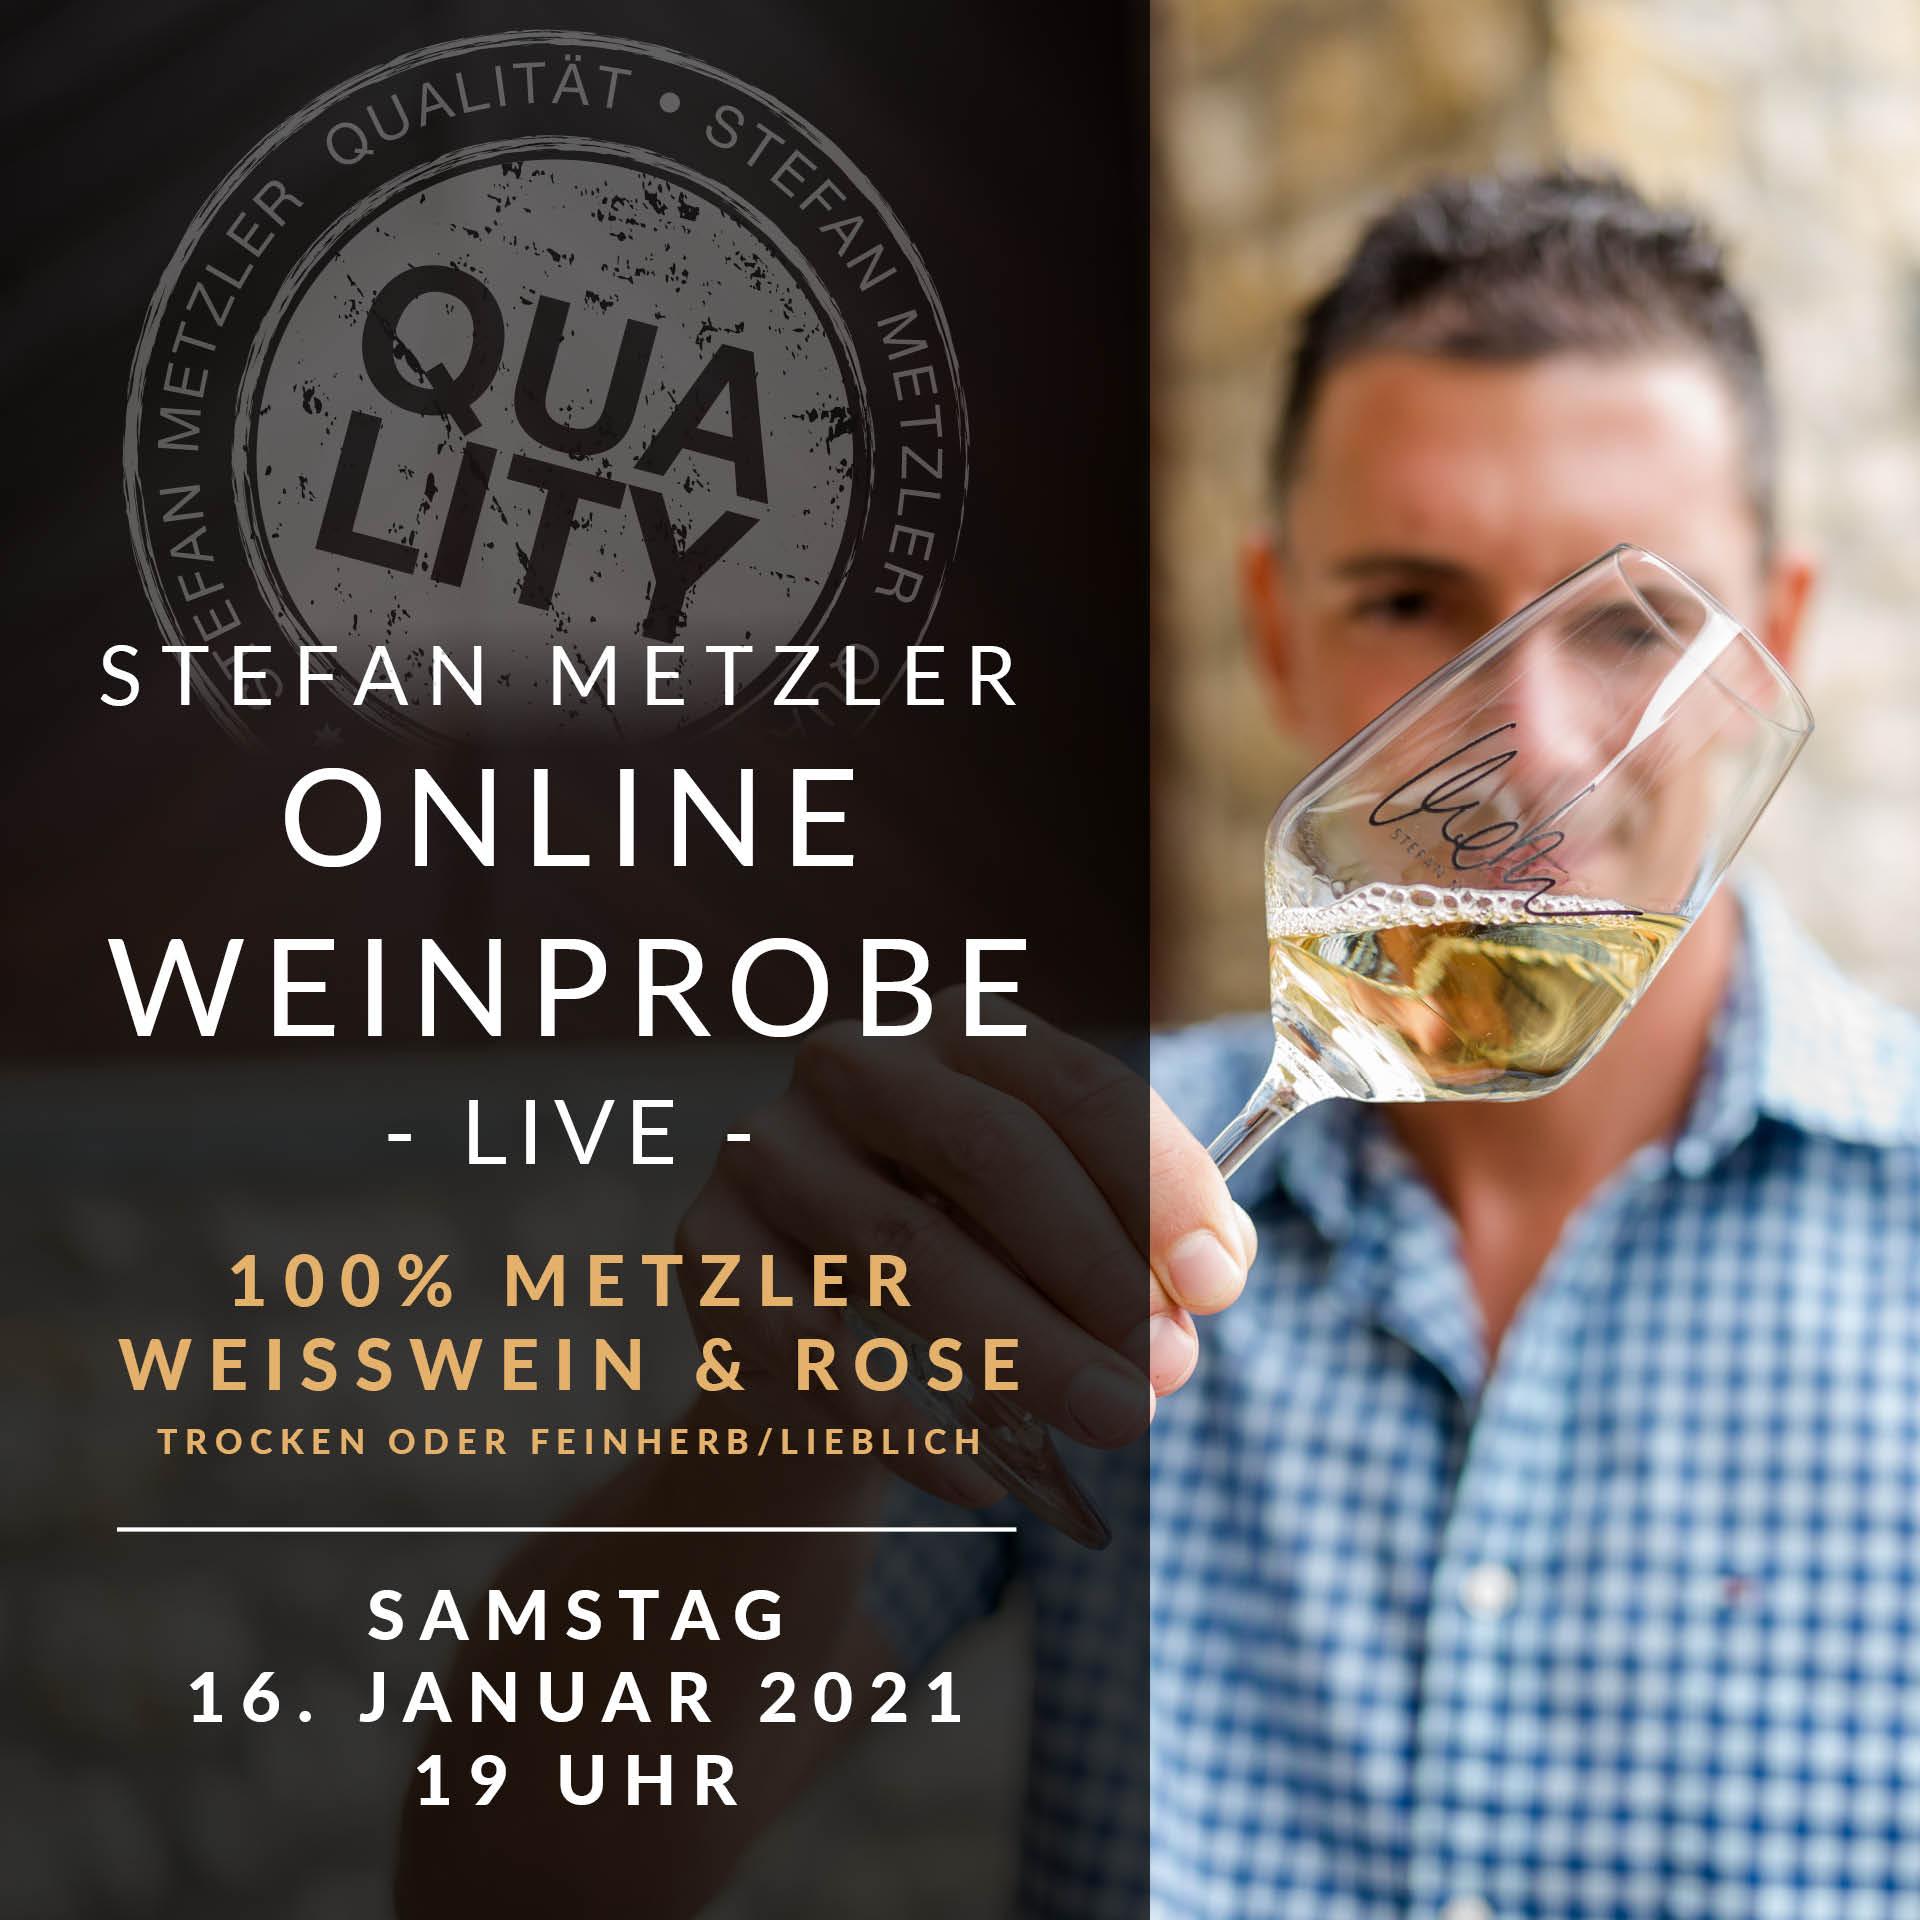 Onlineprobe 16.01.2021: Weisswein & Rosewein